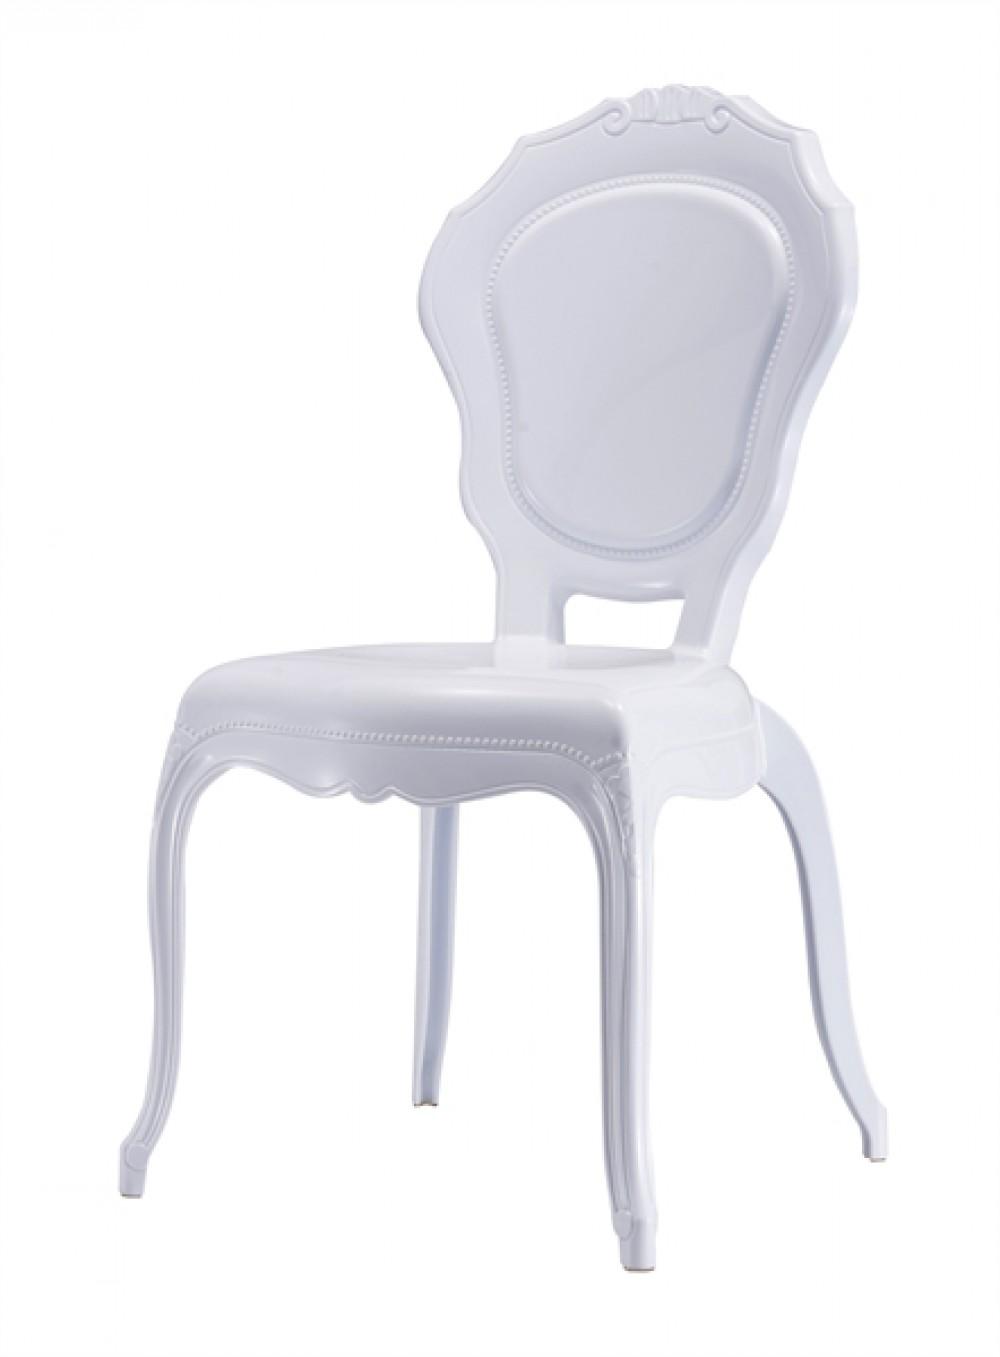 stuhl mit armlehne barock wei aus kunststoff. Black Bedroom Furniture Sets. Home Design Ideas